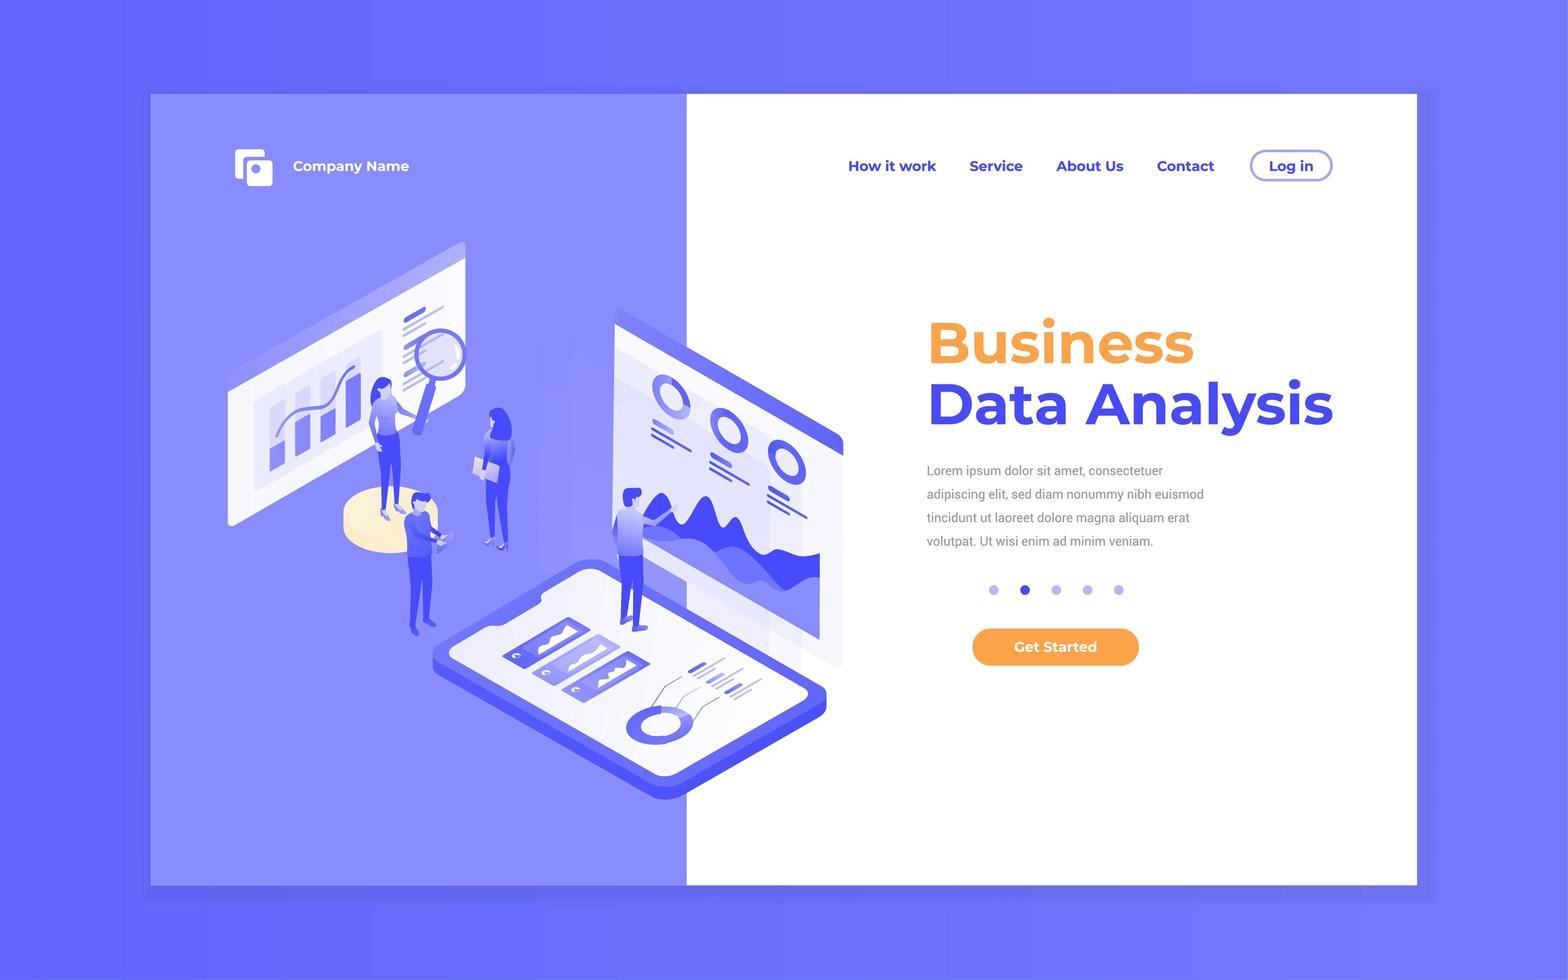 site de análise de dados roxo e conceito de site para celular vetor